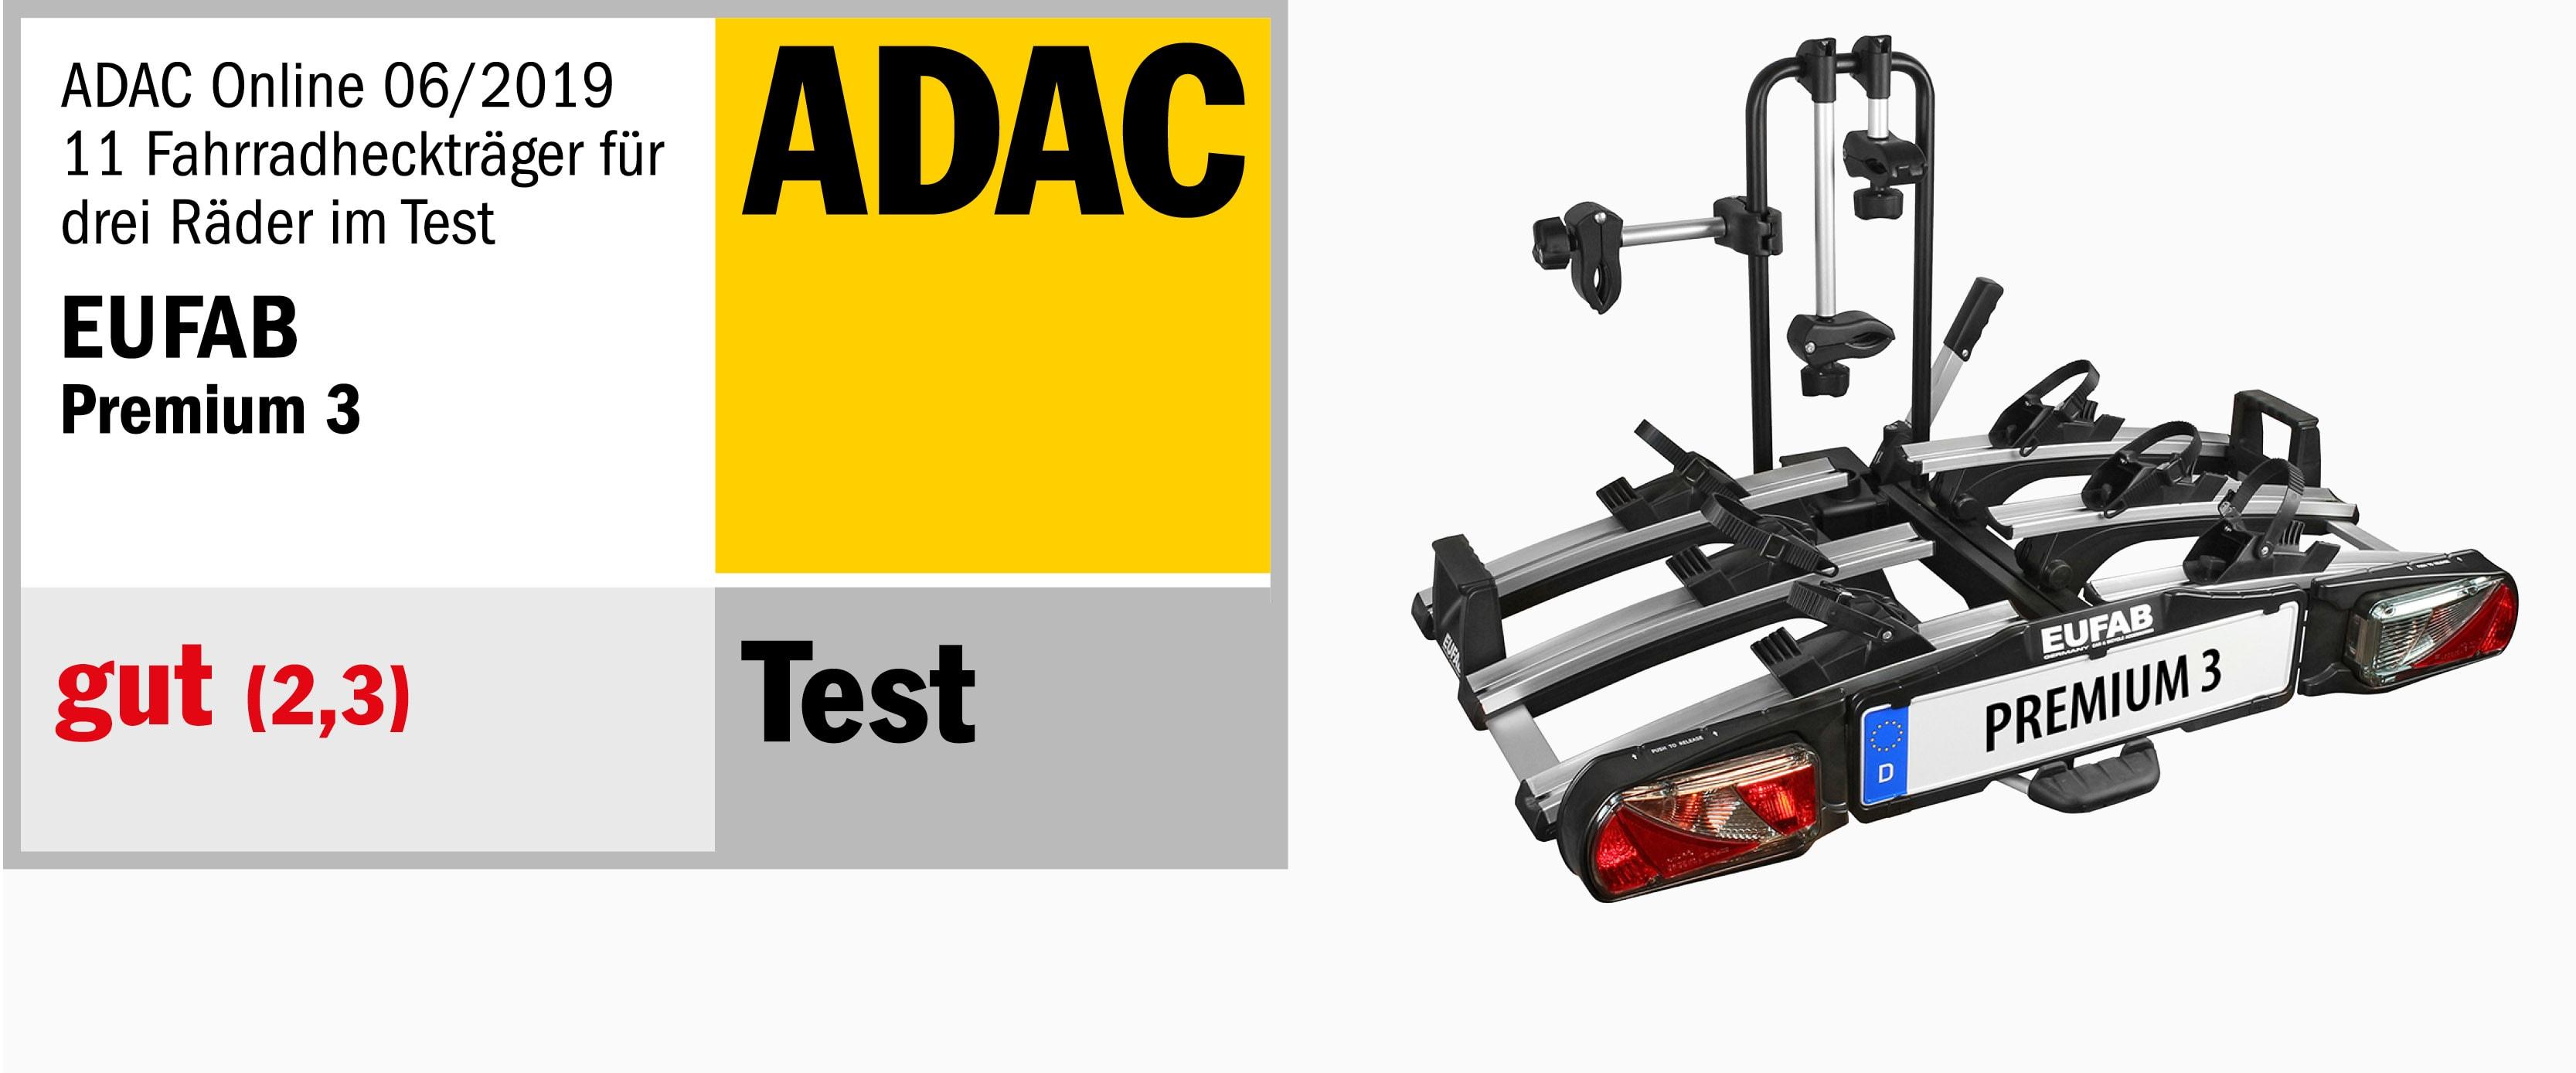 ADAS Test Online 06/2019 für Fahrradheckträger für drei Räder, Note gut (2,3)